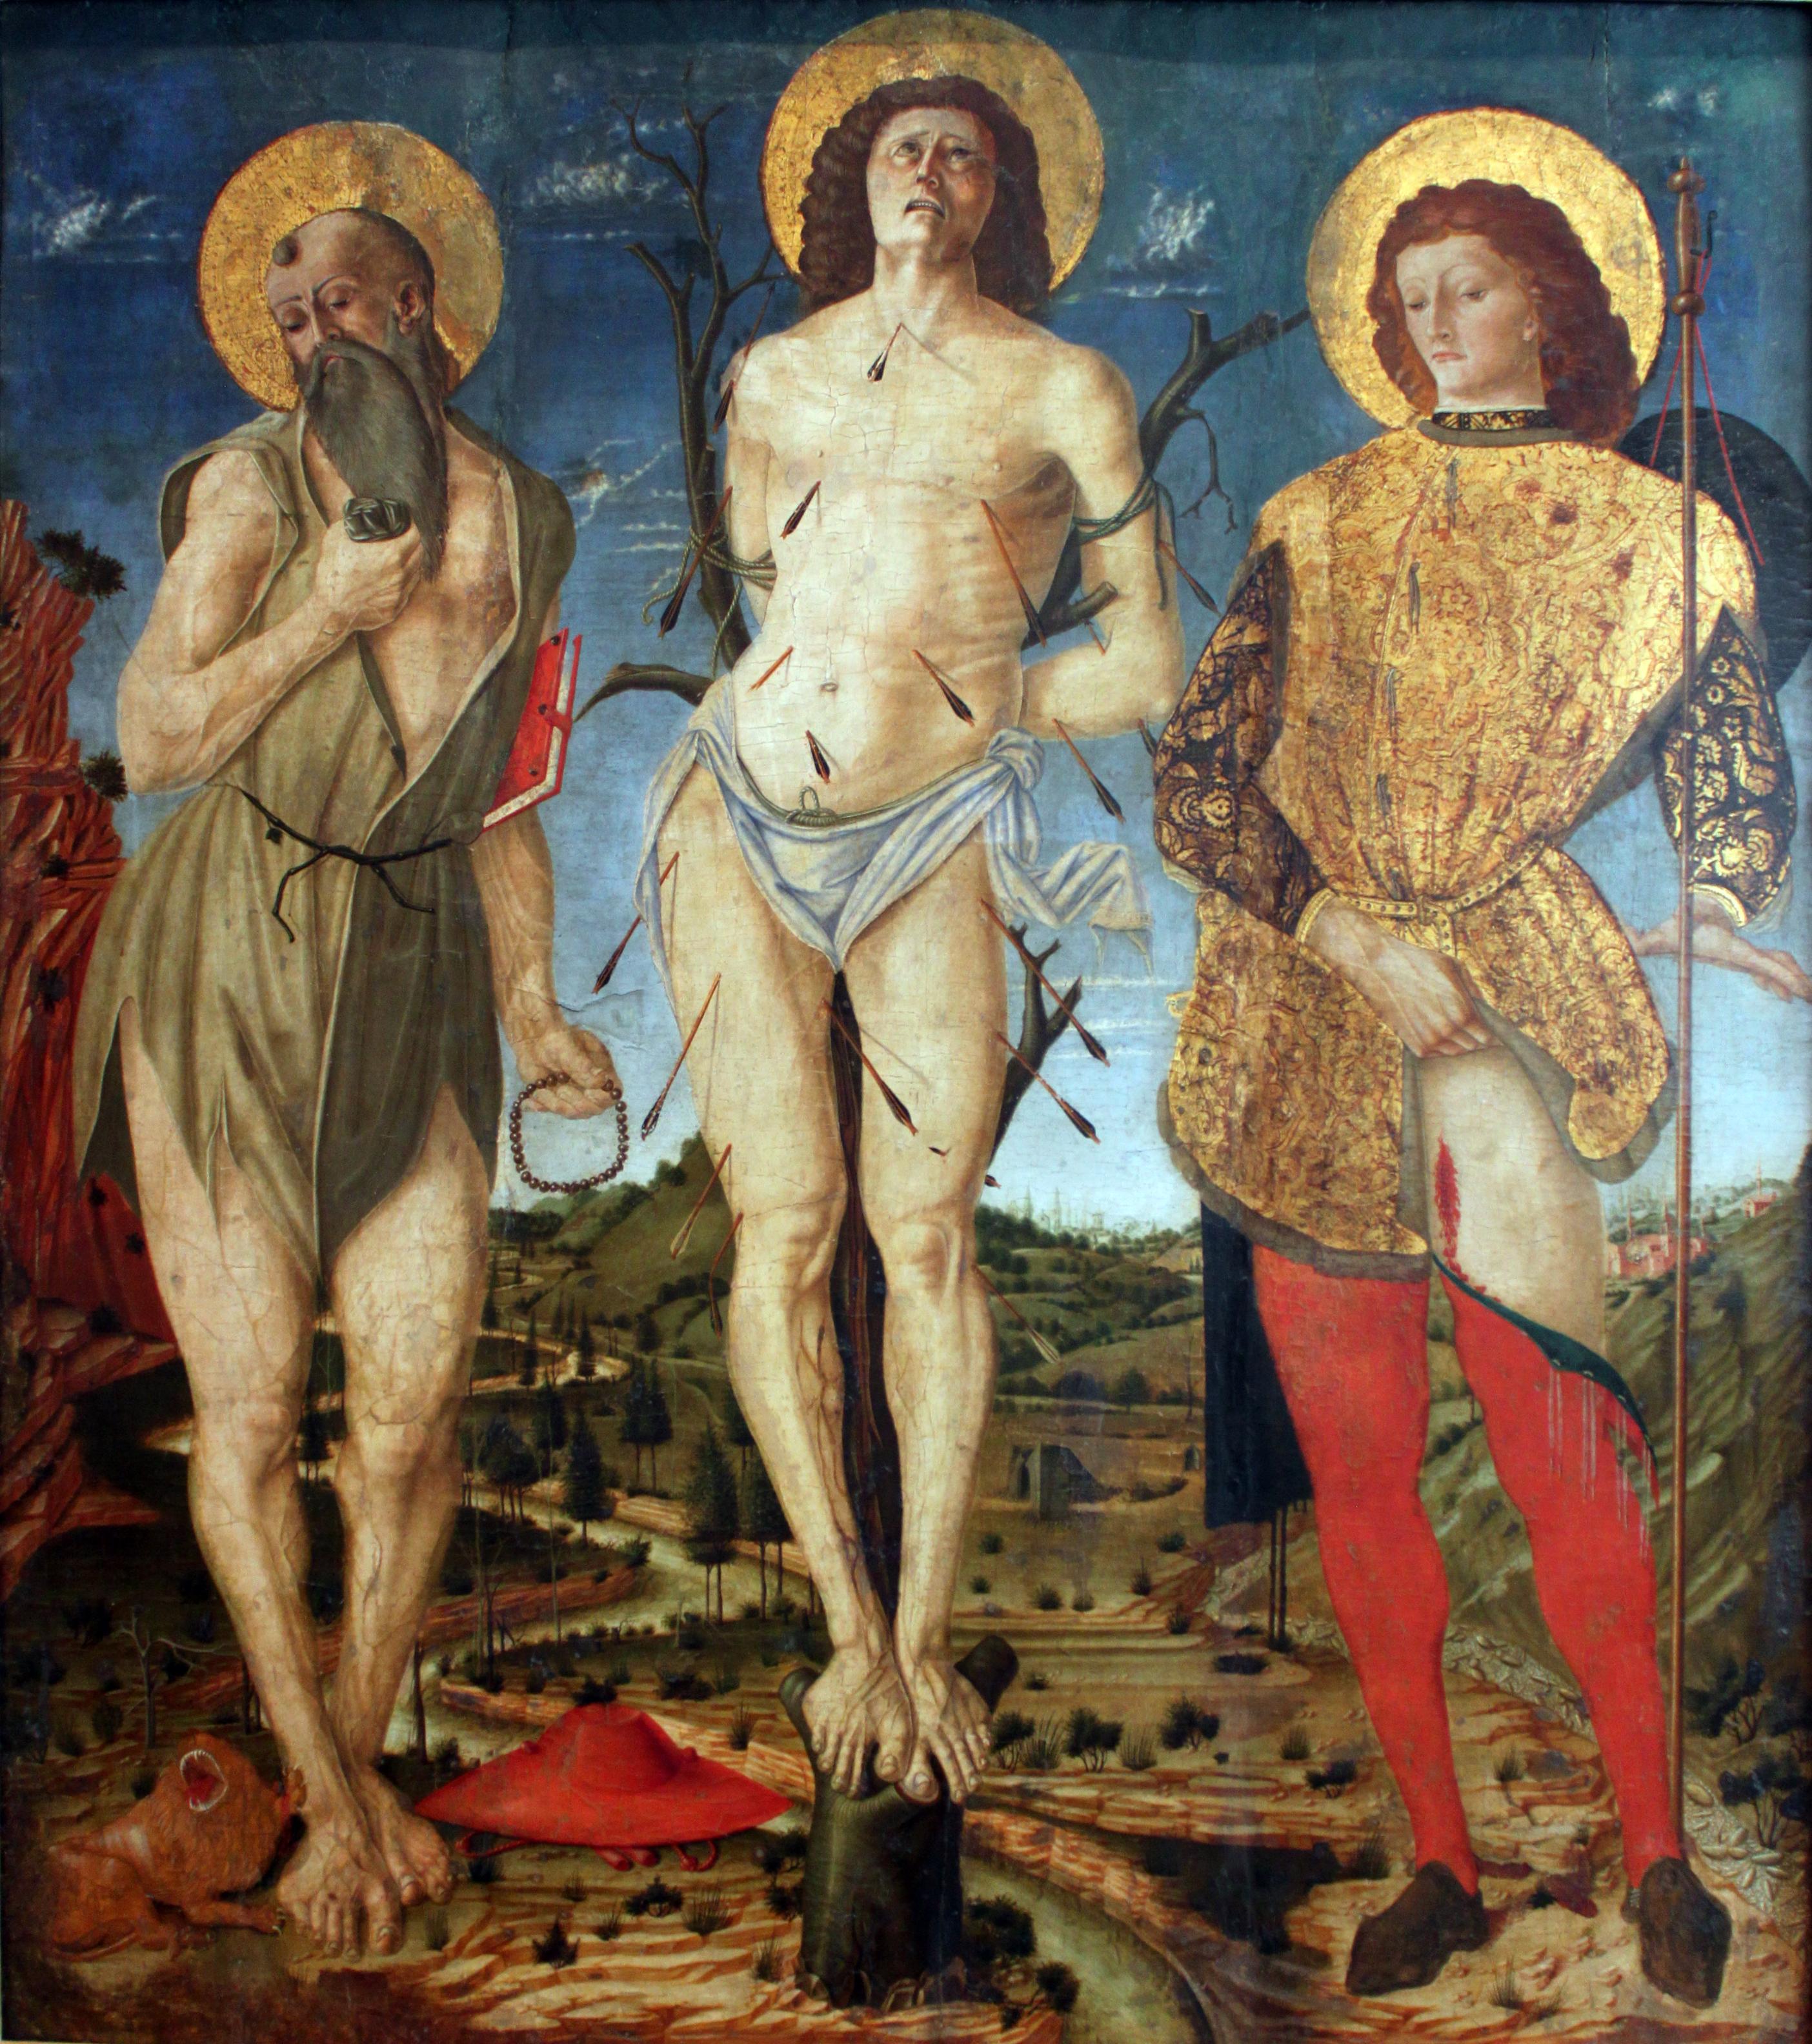 File:1478 dAncona Die heiligen Hieronymus, Sebastian und Rochus anagoria.JPG